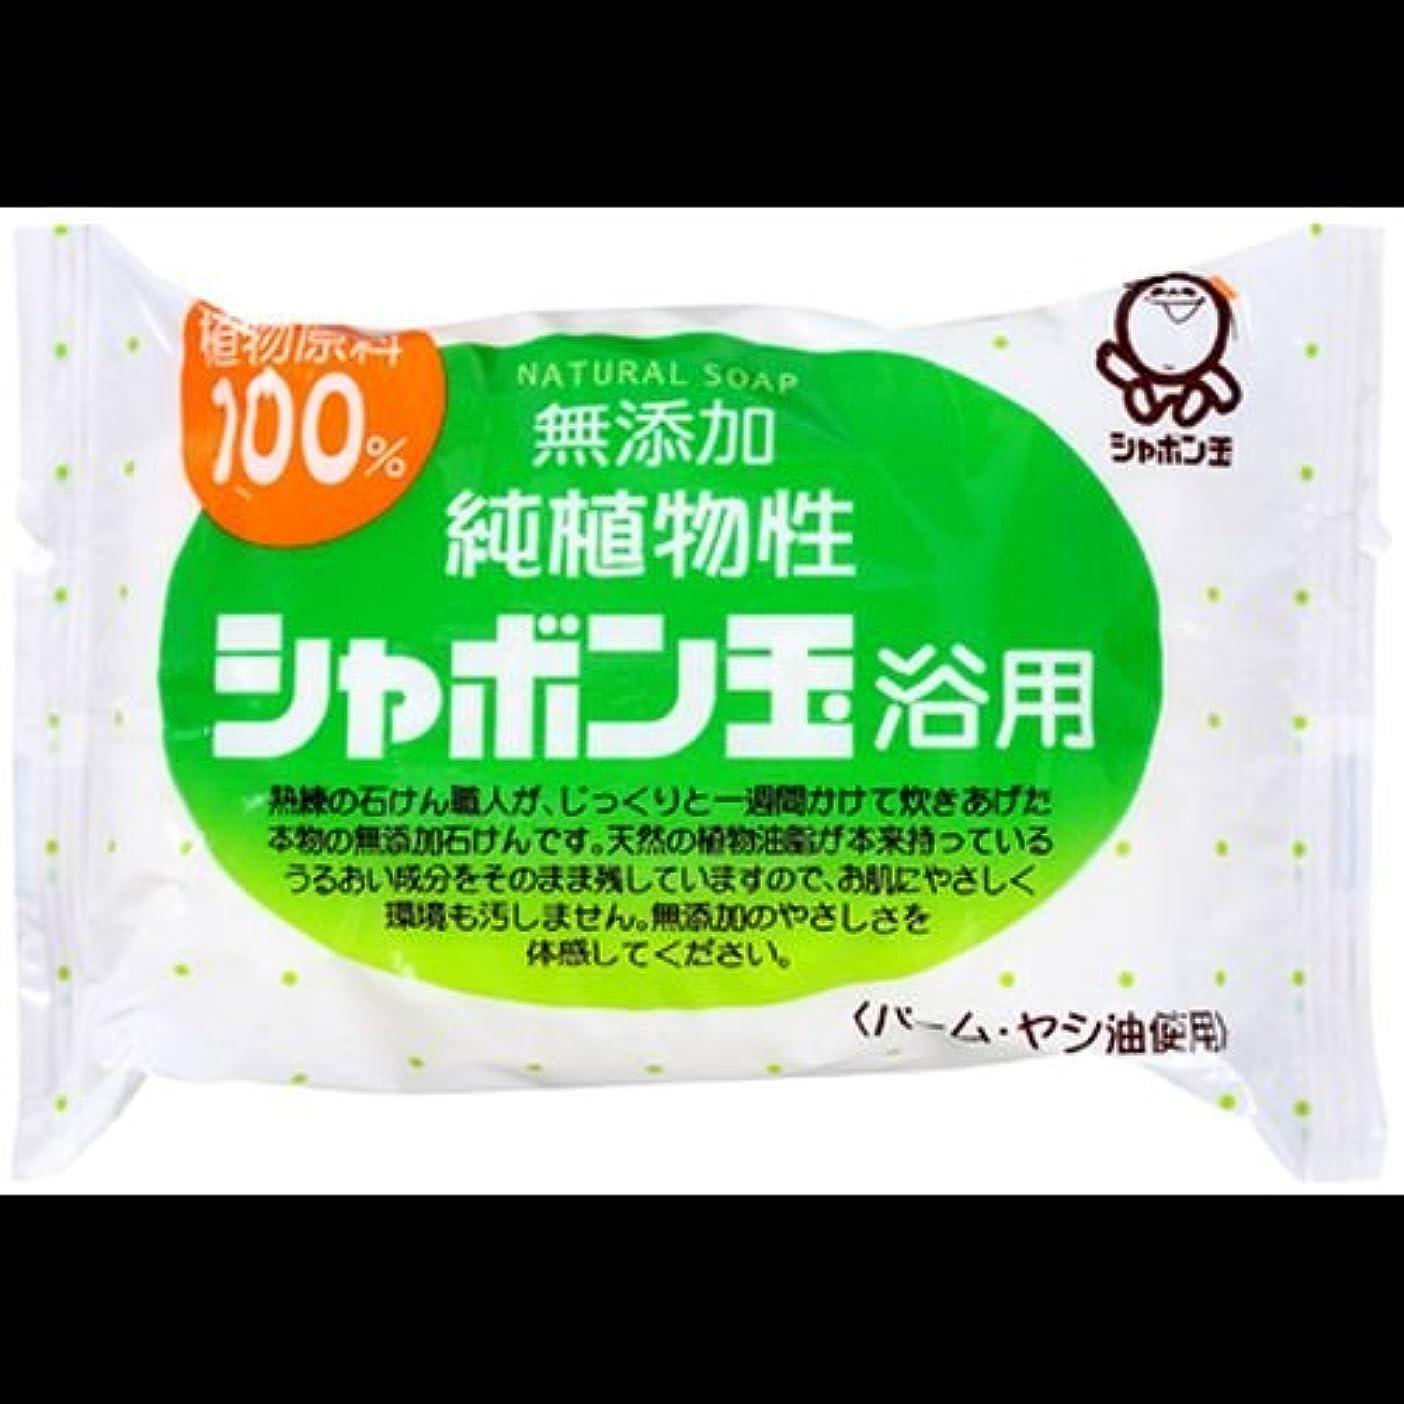 パニックトロリー腐敗した【まとめ買い】シャボン玉 無添加 純植物性 シャボン玉浴用石けん 純植物性 100g ×2セット